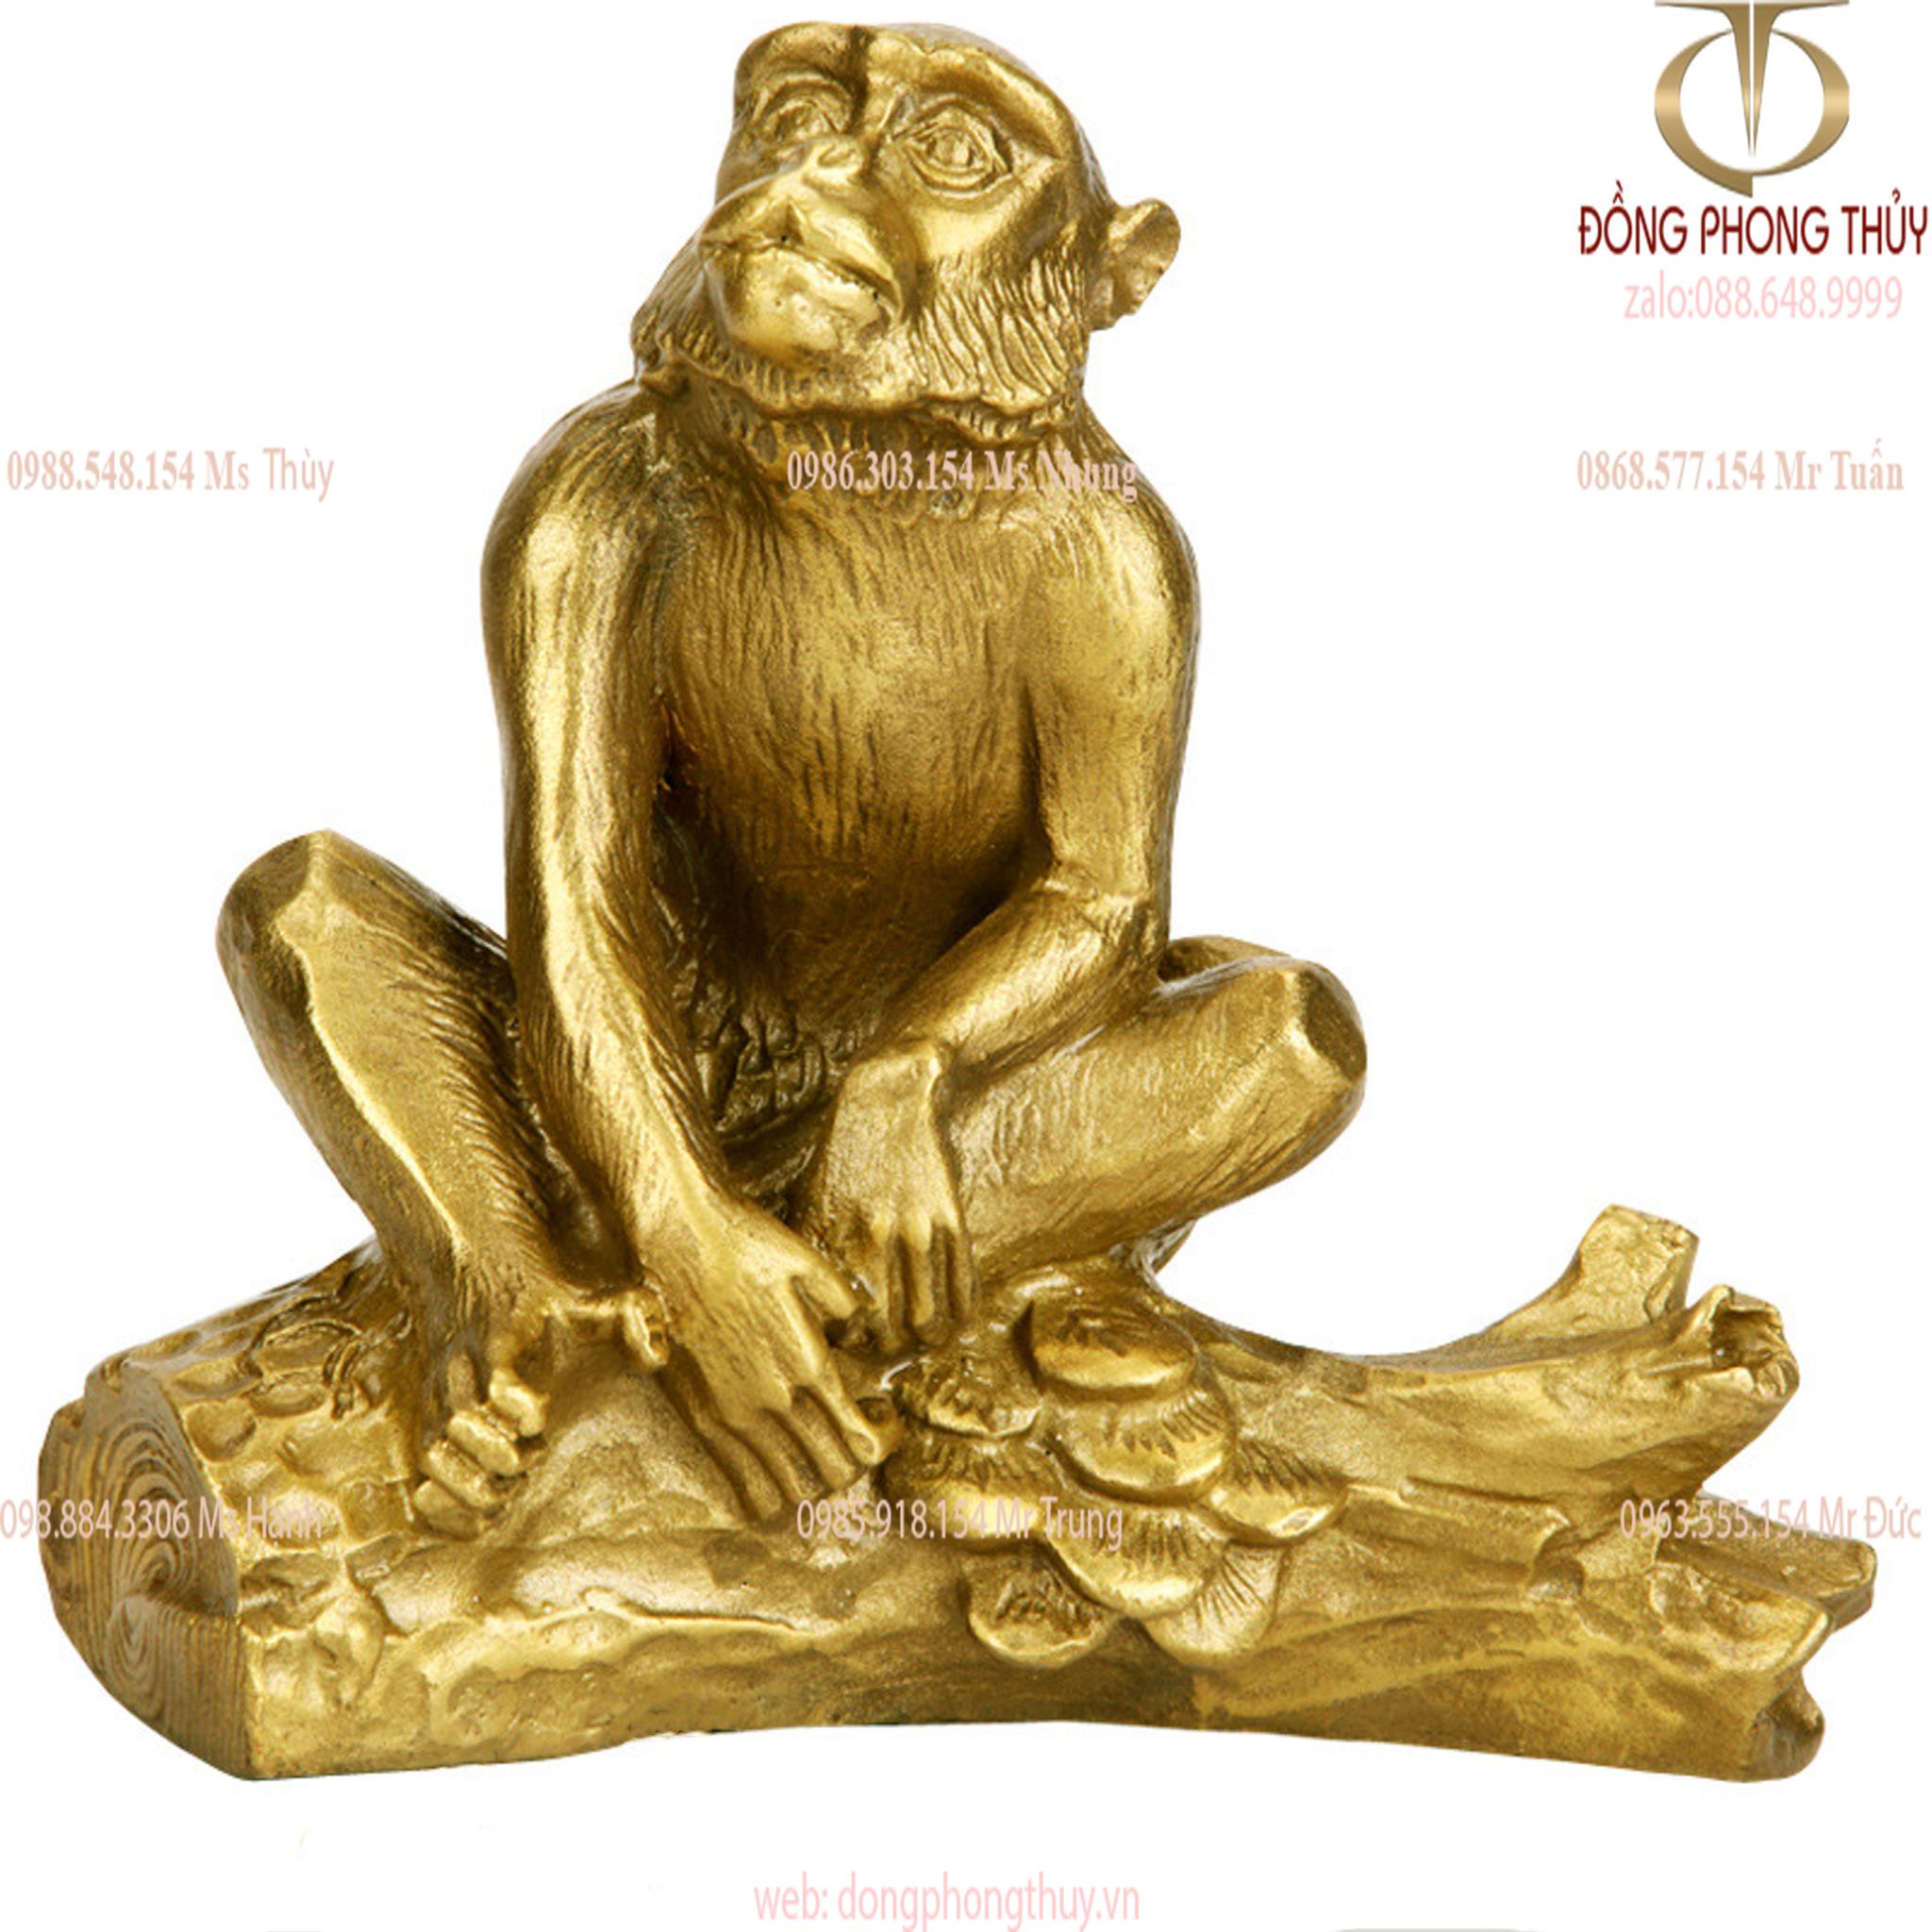 Tượng khỉ phong thủy bằng đồng